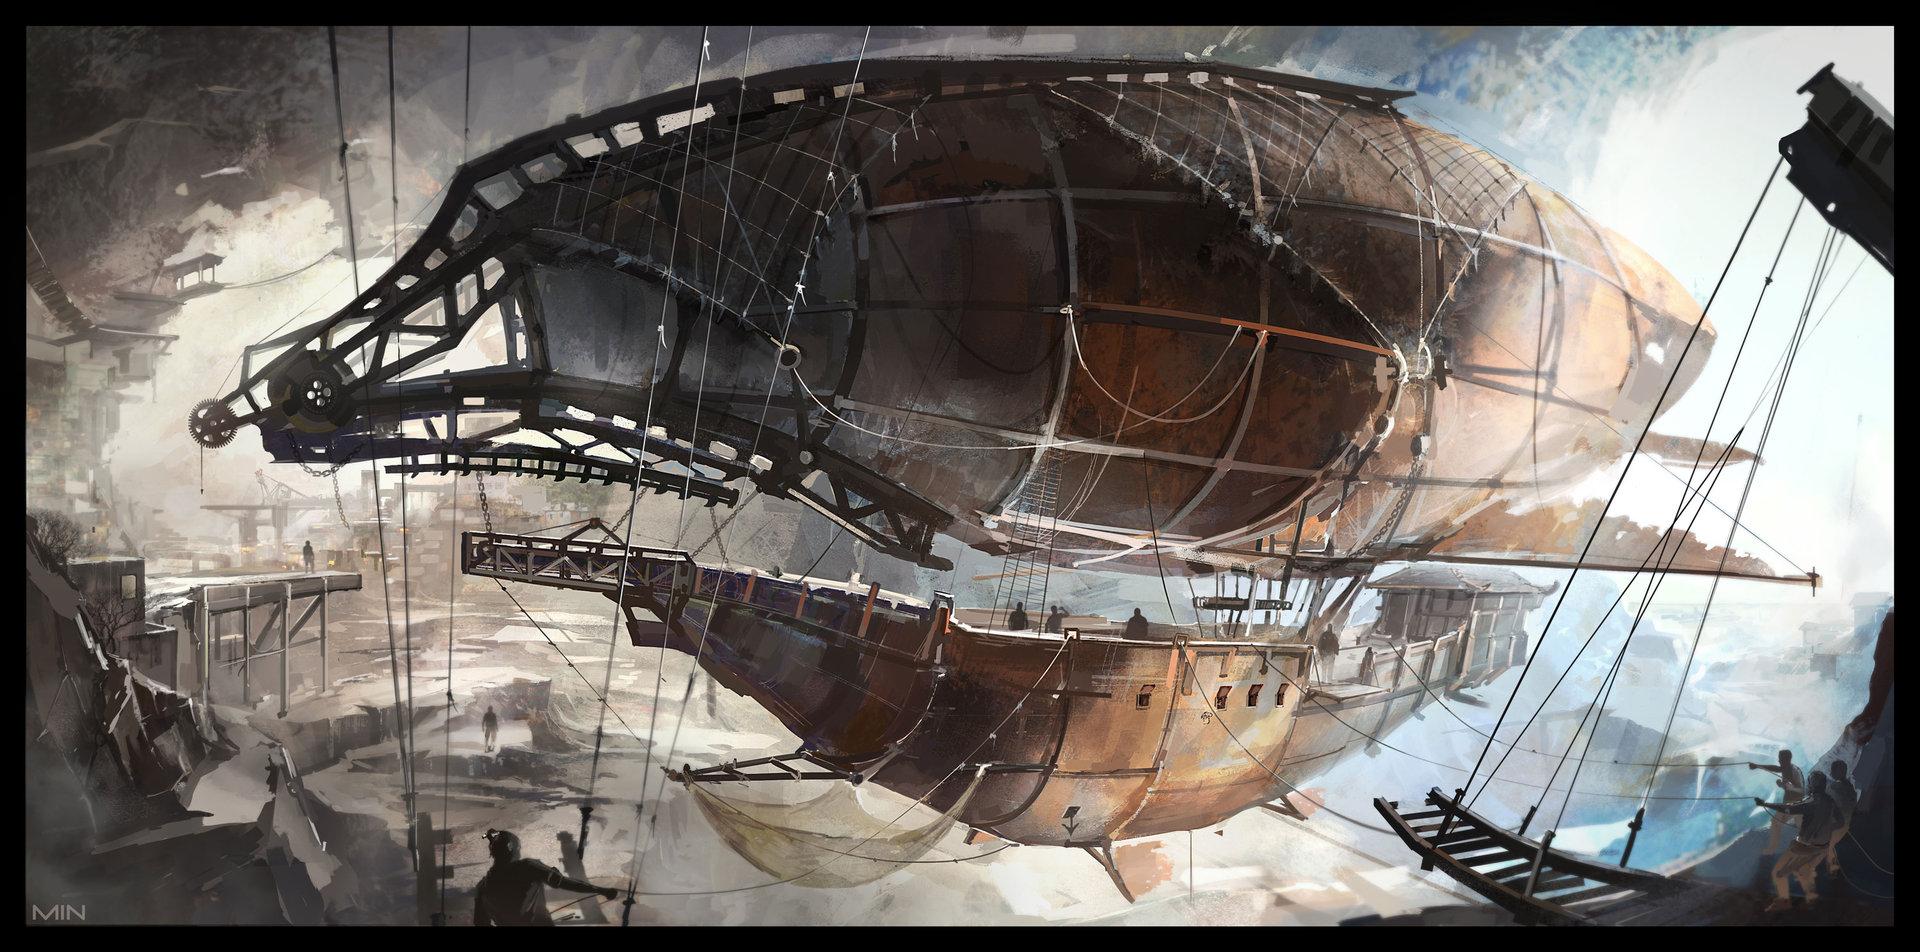 Dnd airships